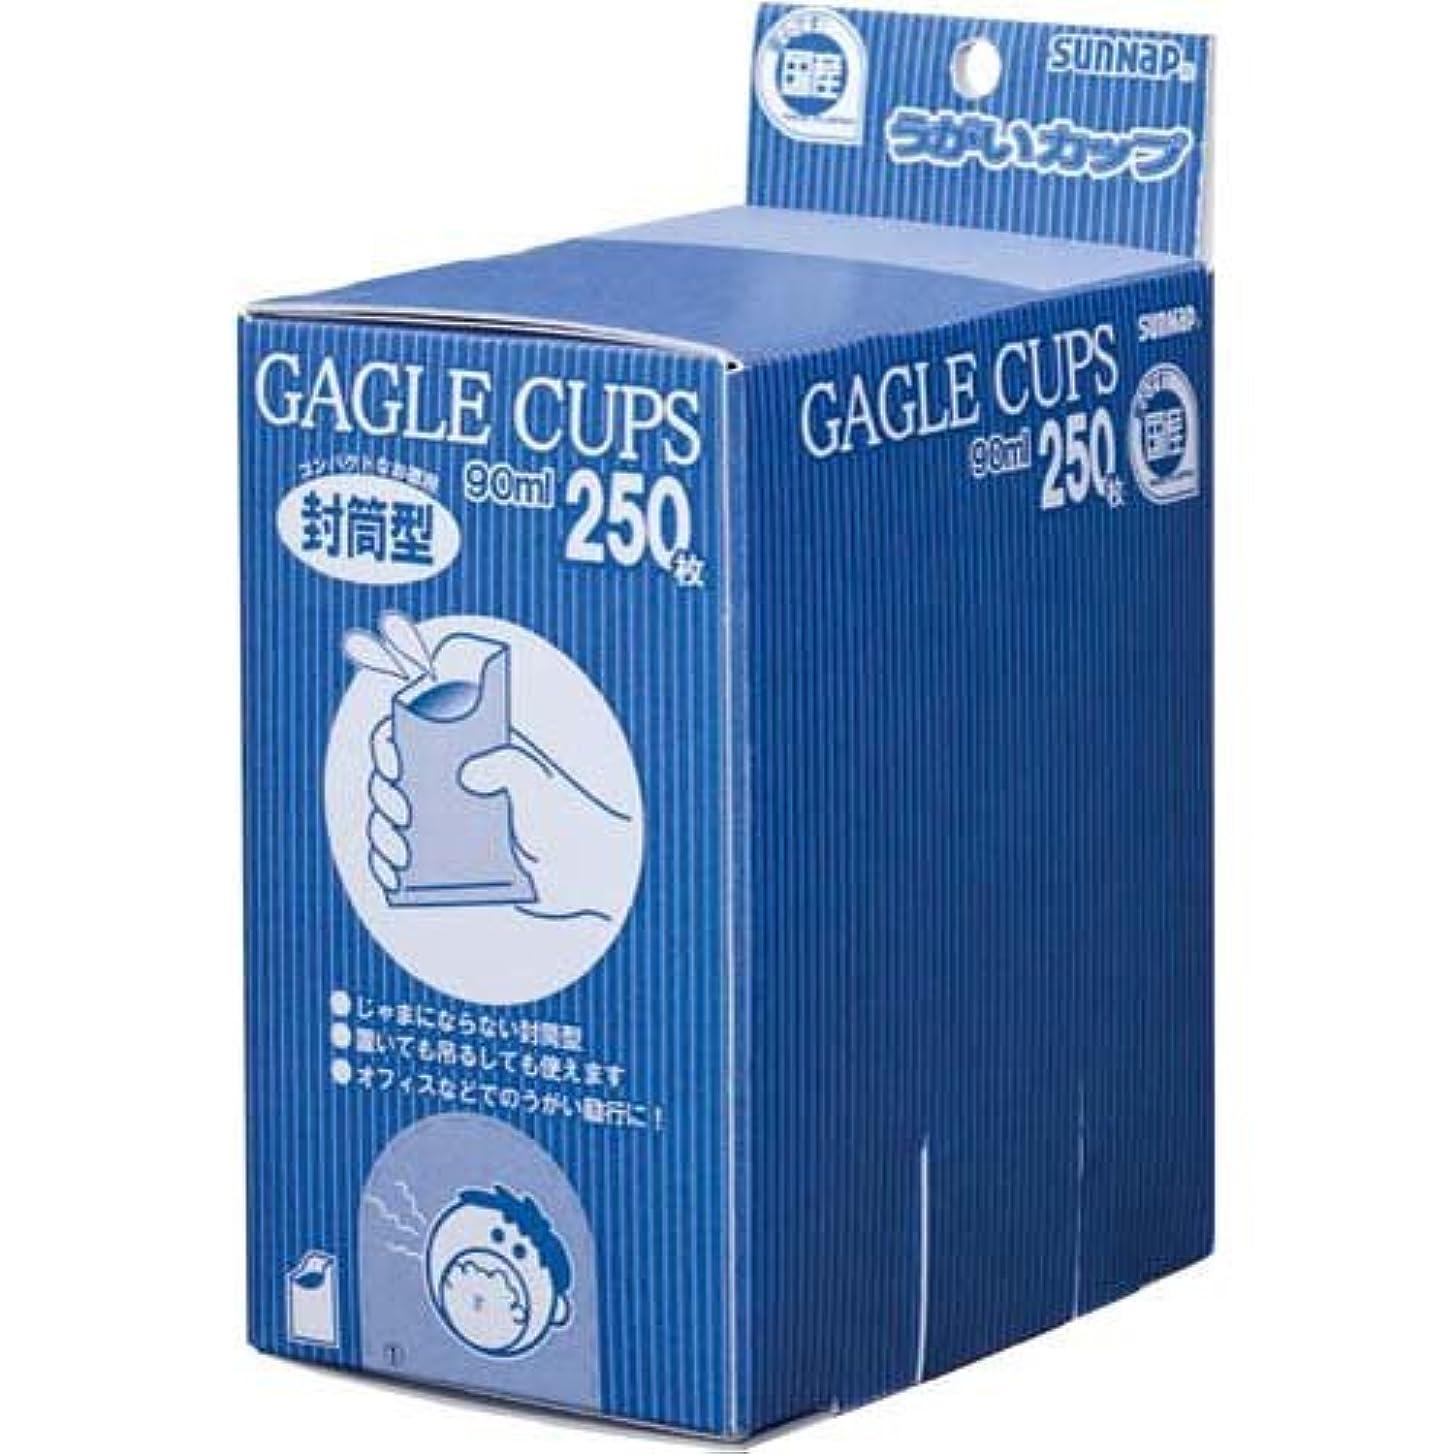 処理する否定する眠るサンナップ 封筒型うがいカップ250枚×5箱